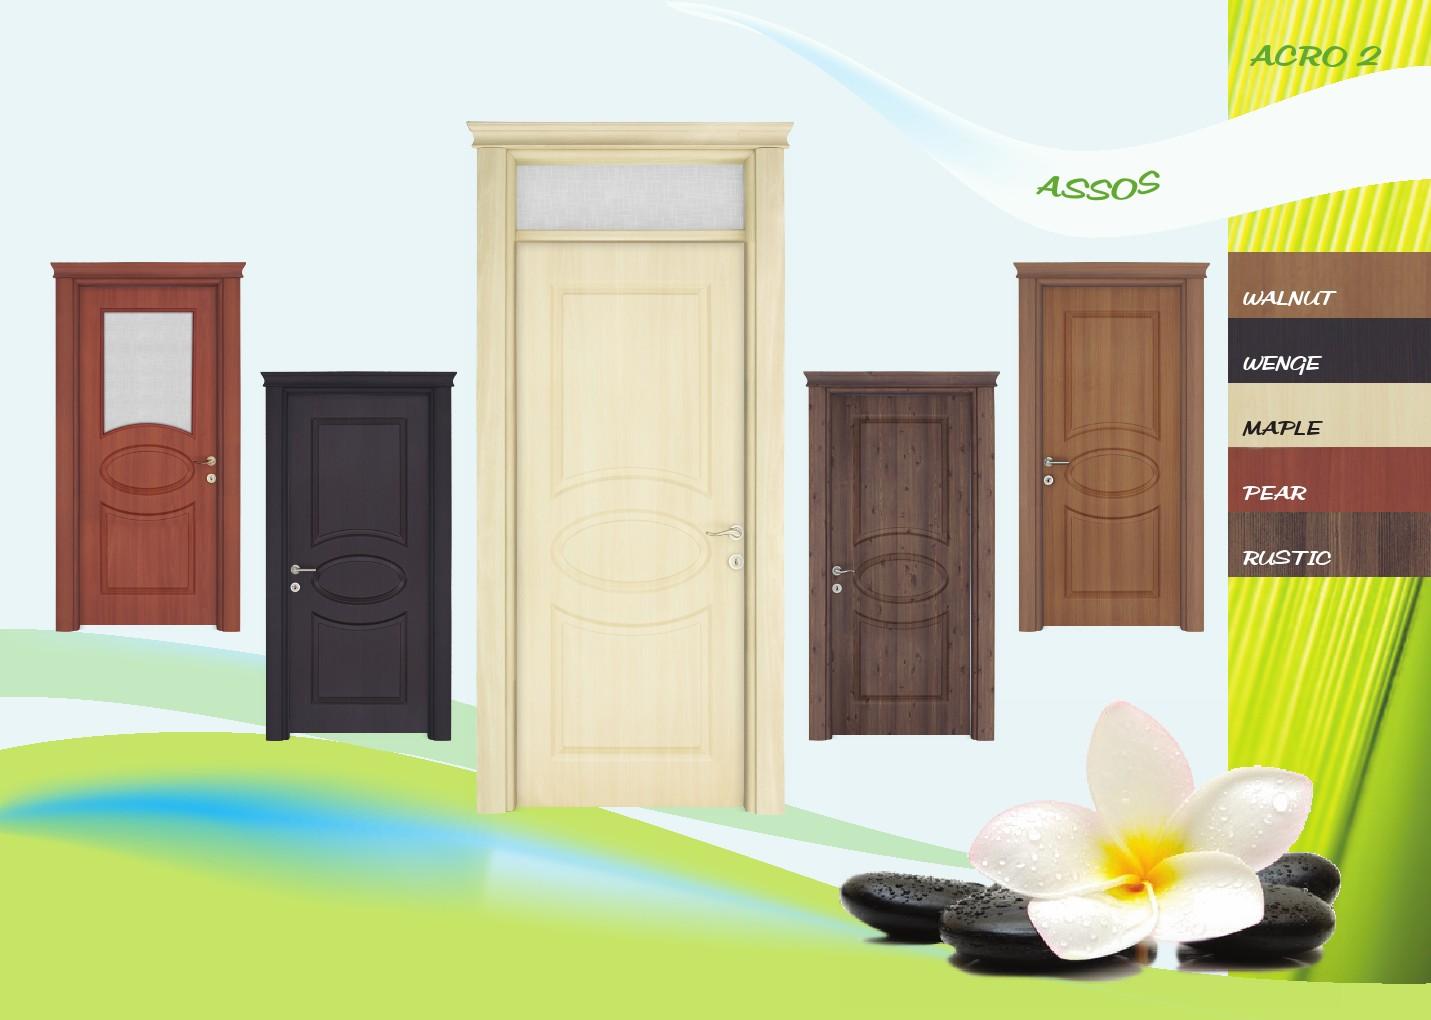 THE DOORS , ACRODOOR